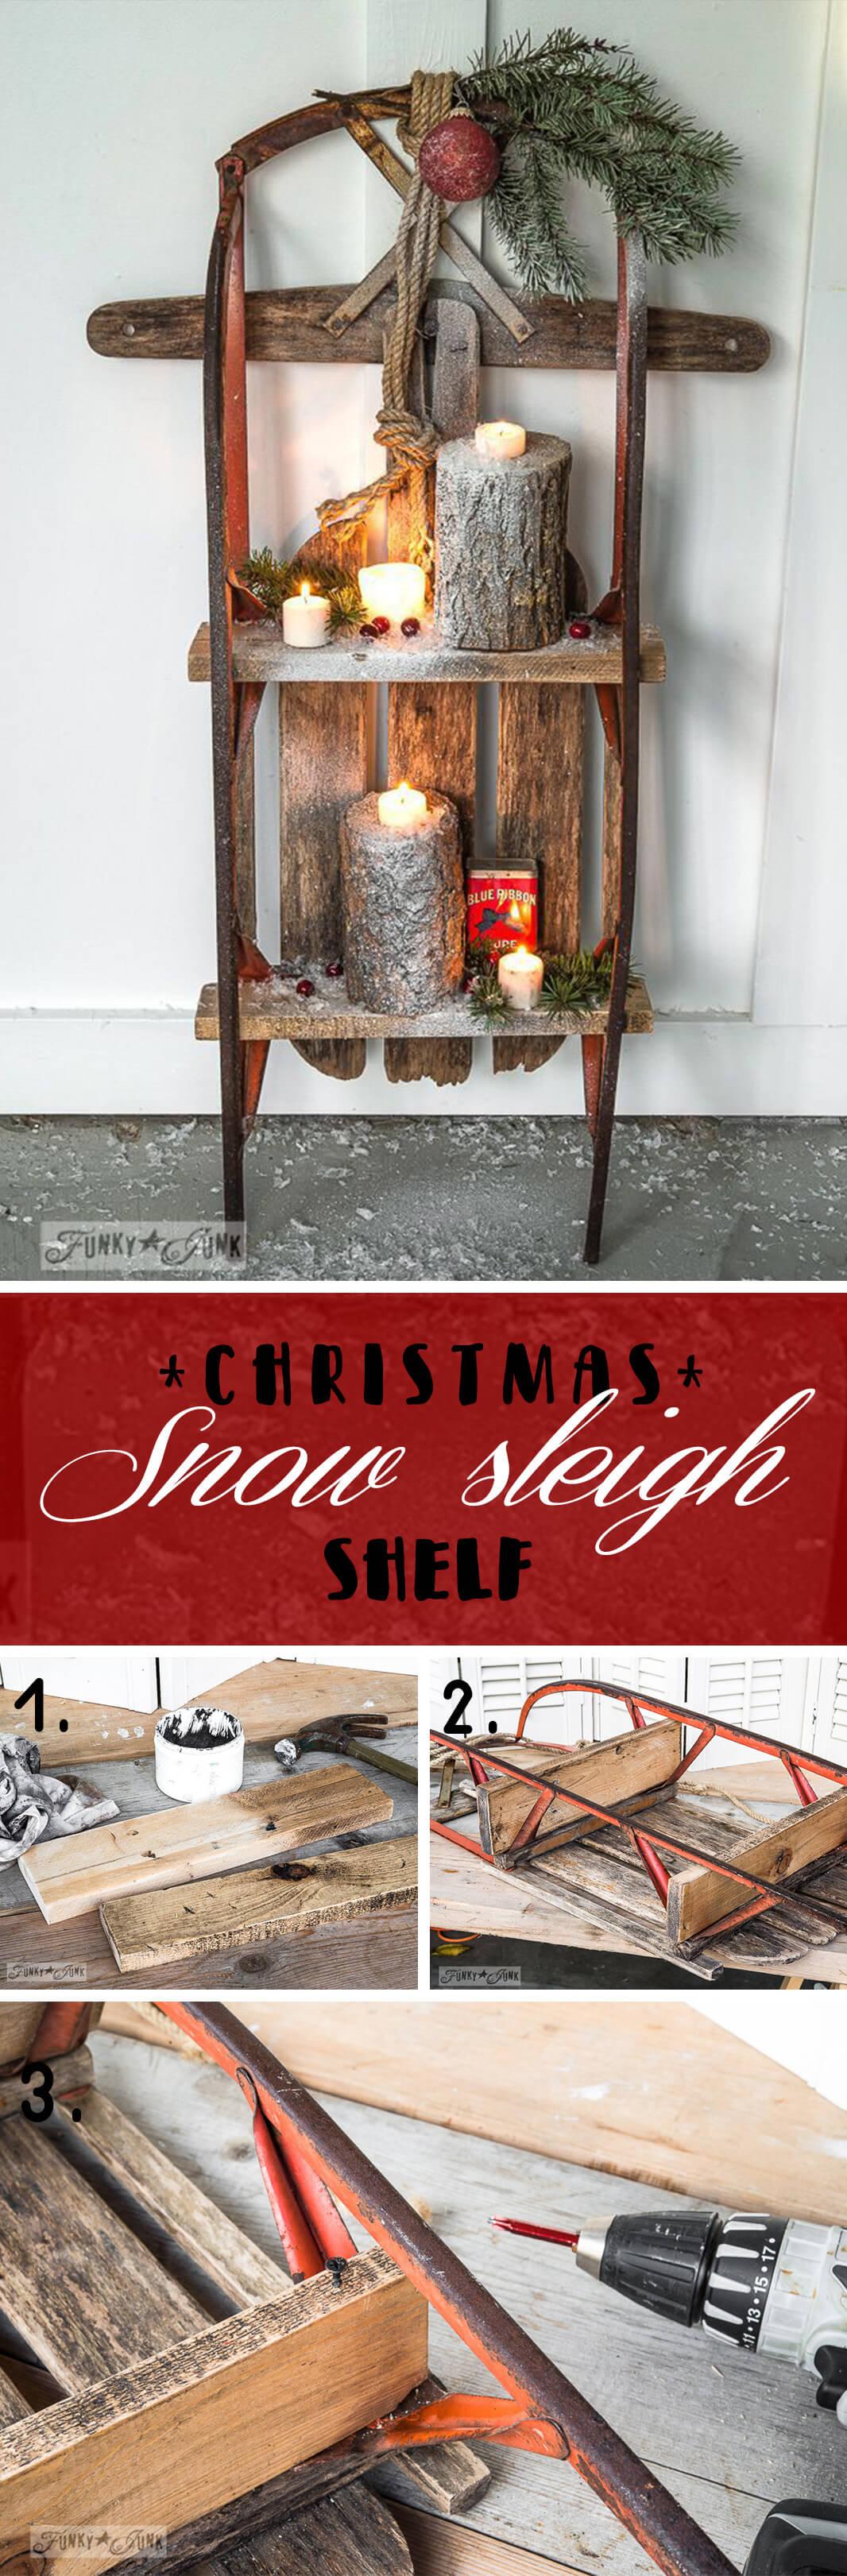 Vintage Sleigh Christmas Shelf Display